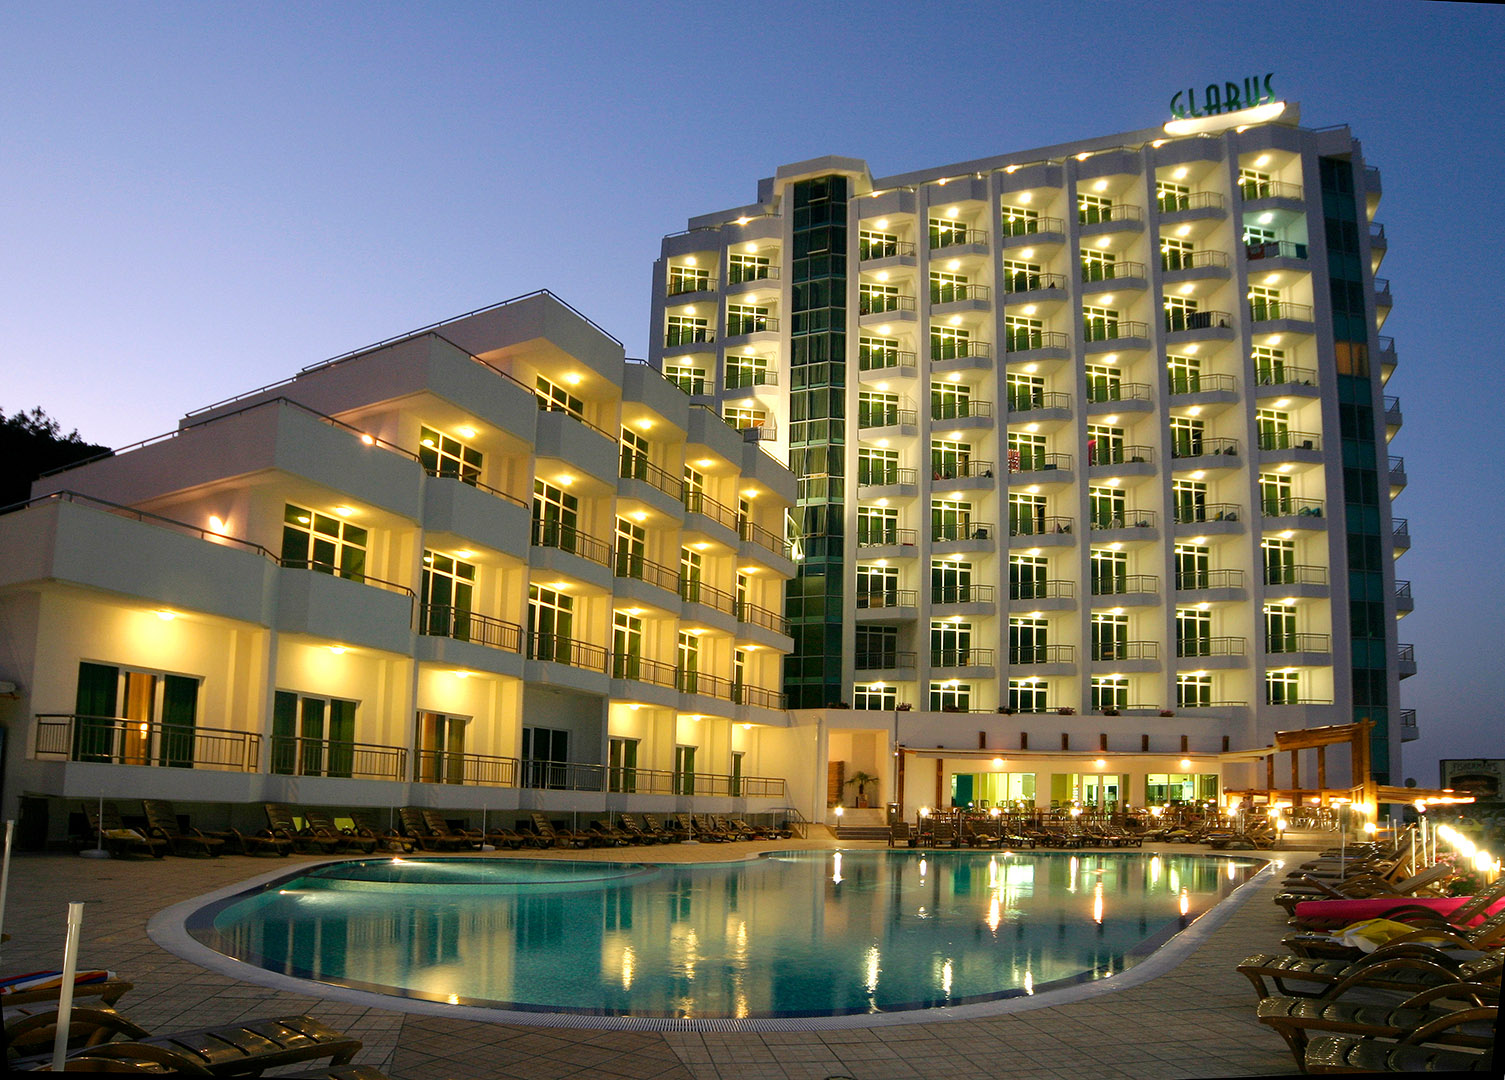 очень кларус отель в болгарии отзывы и фото изображения для декупажа